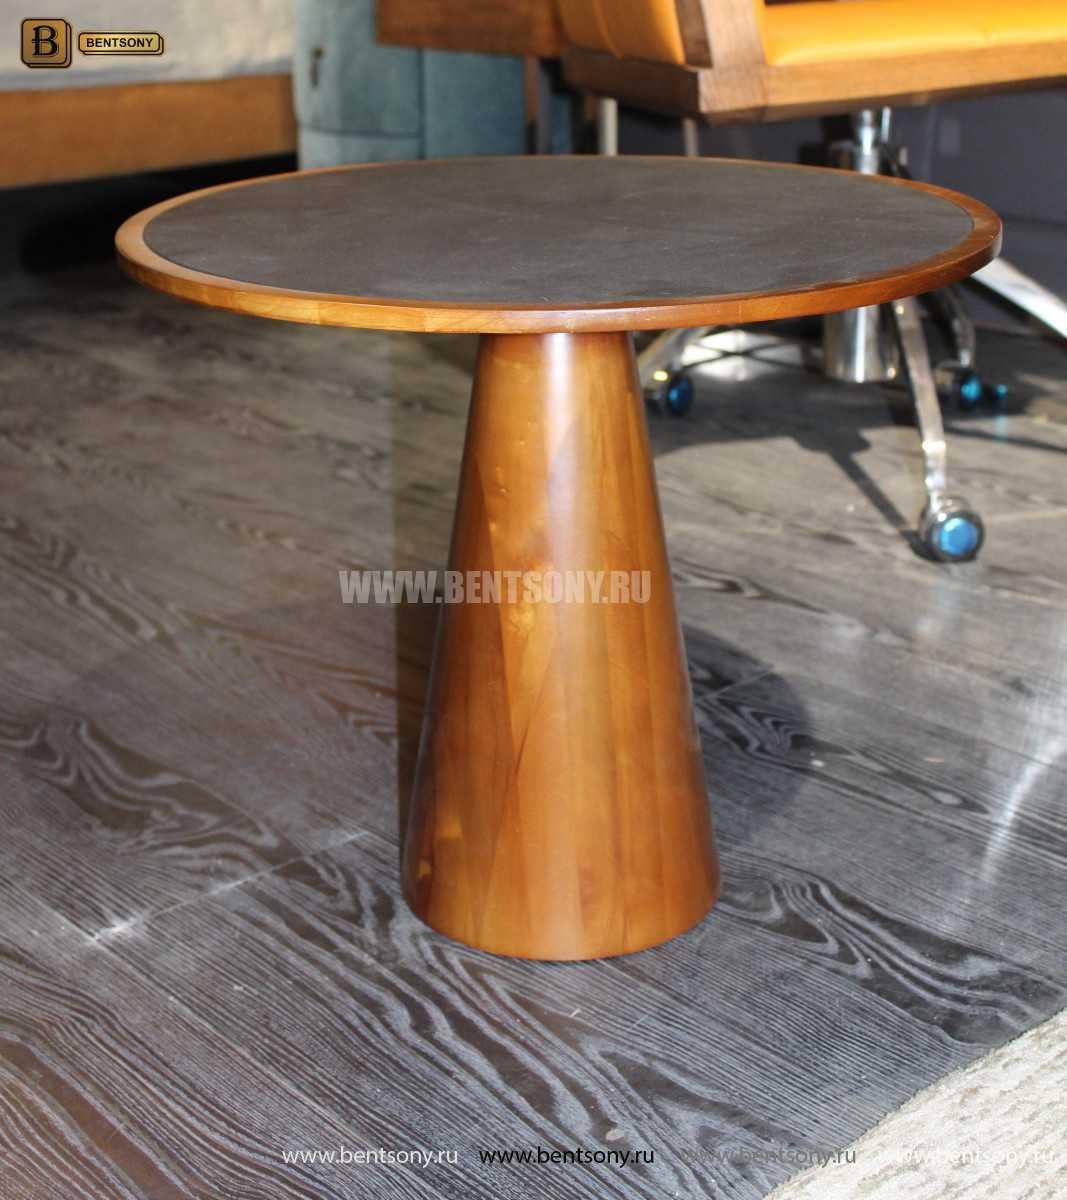 Деревянный приставной стол (Стеклянная столешница) распродажа